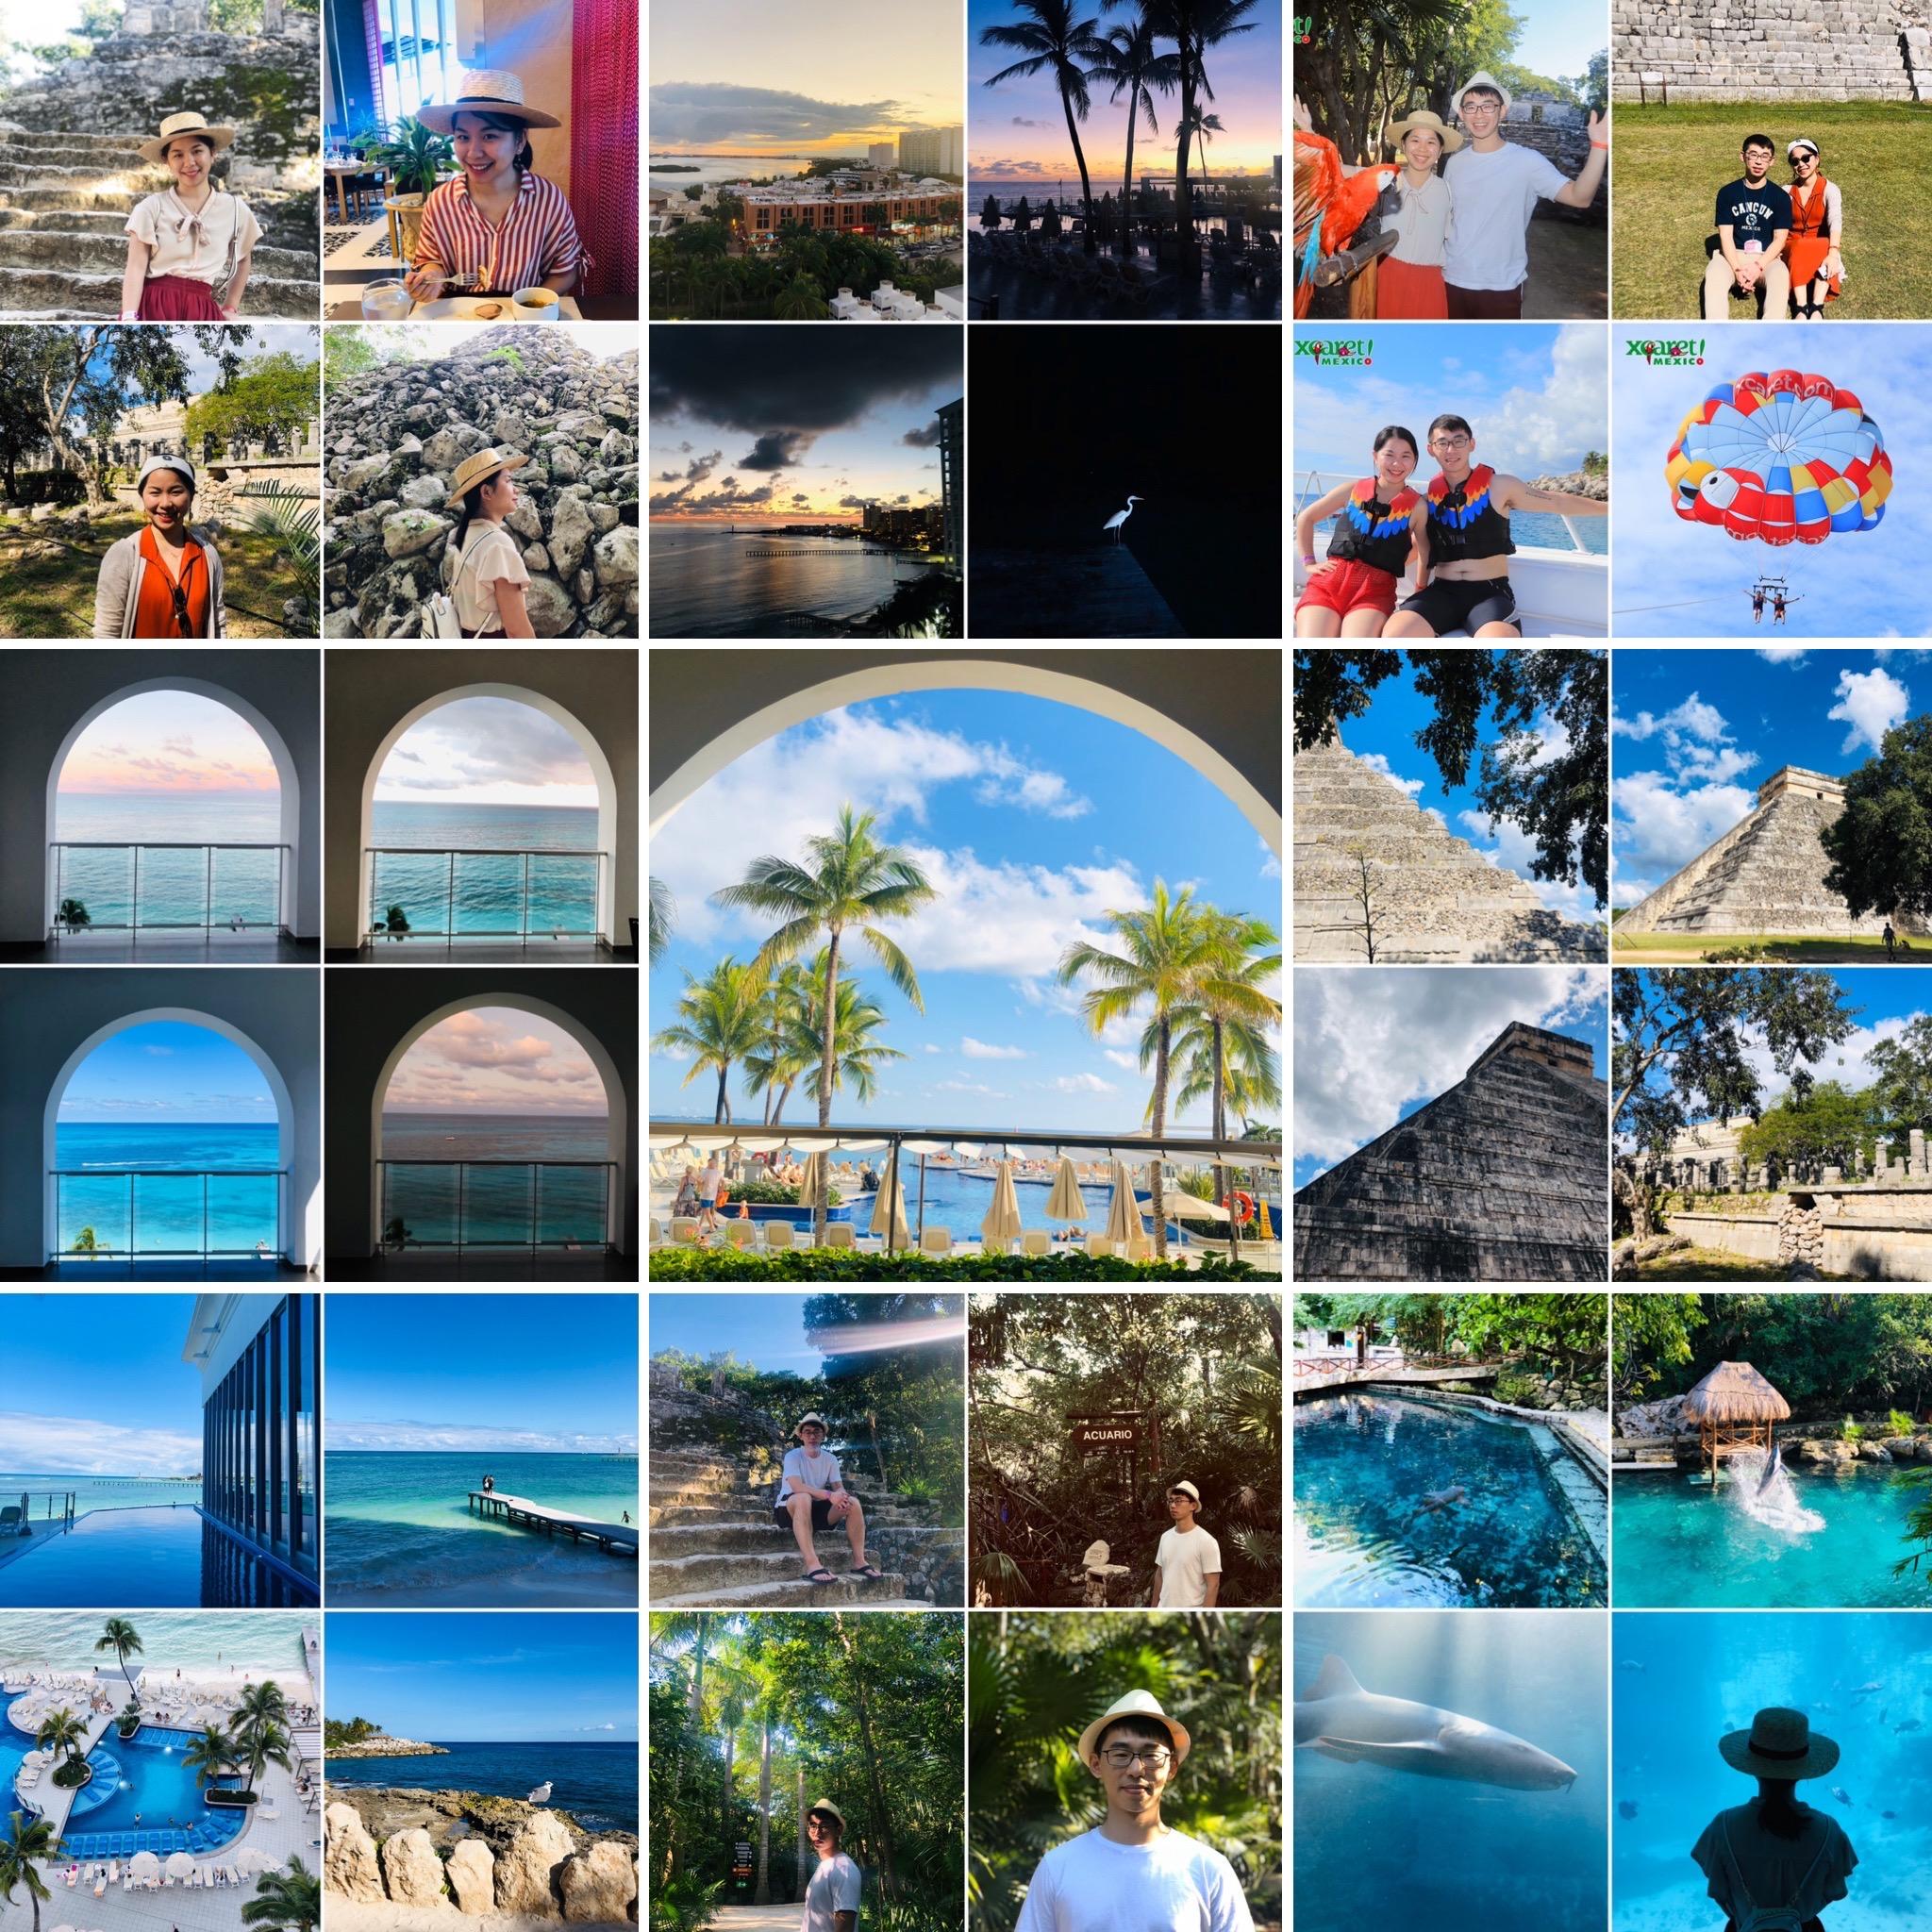 w52-53-cancun-trip